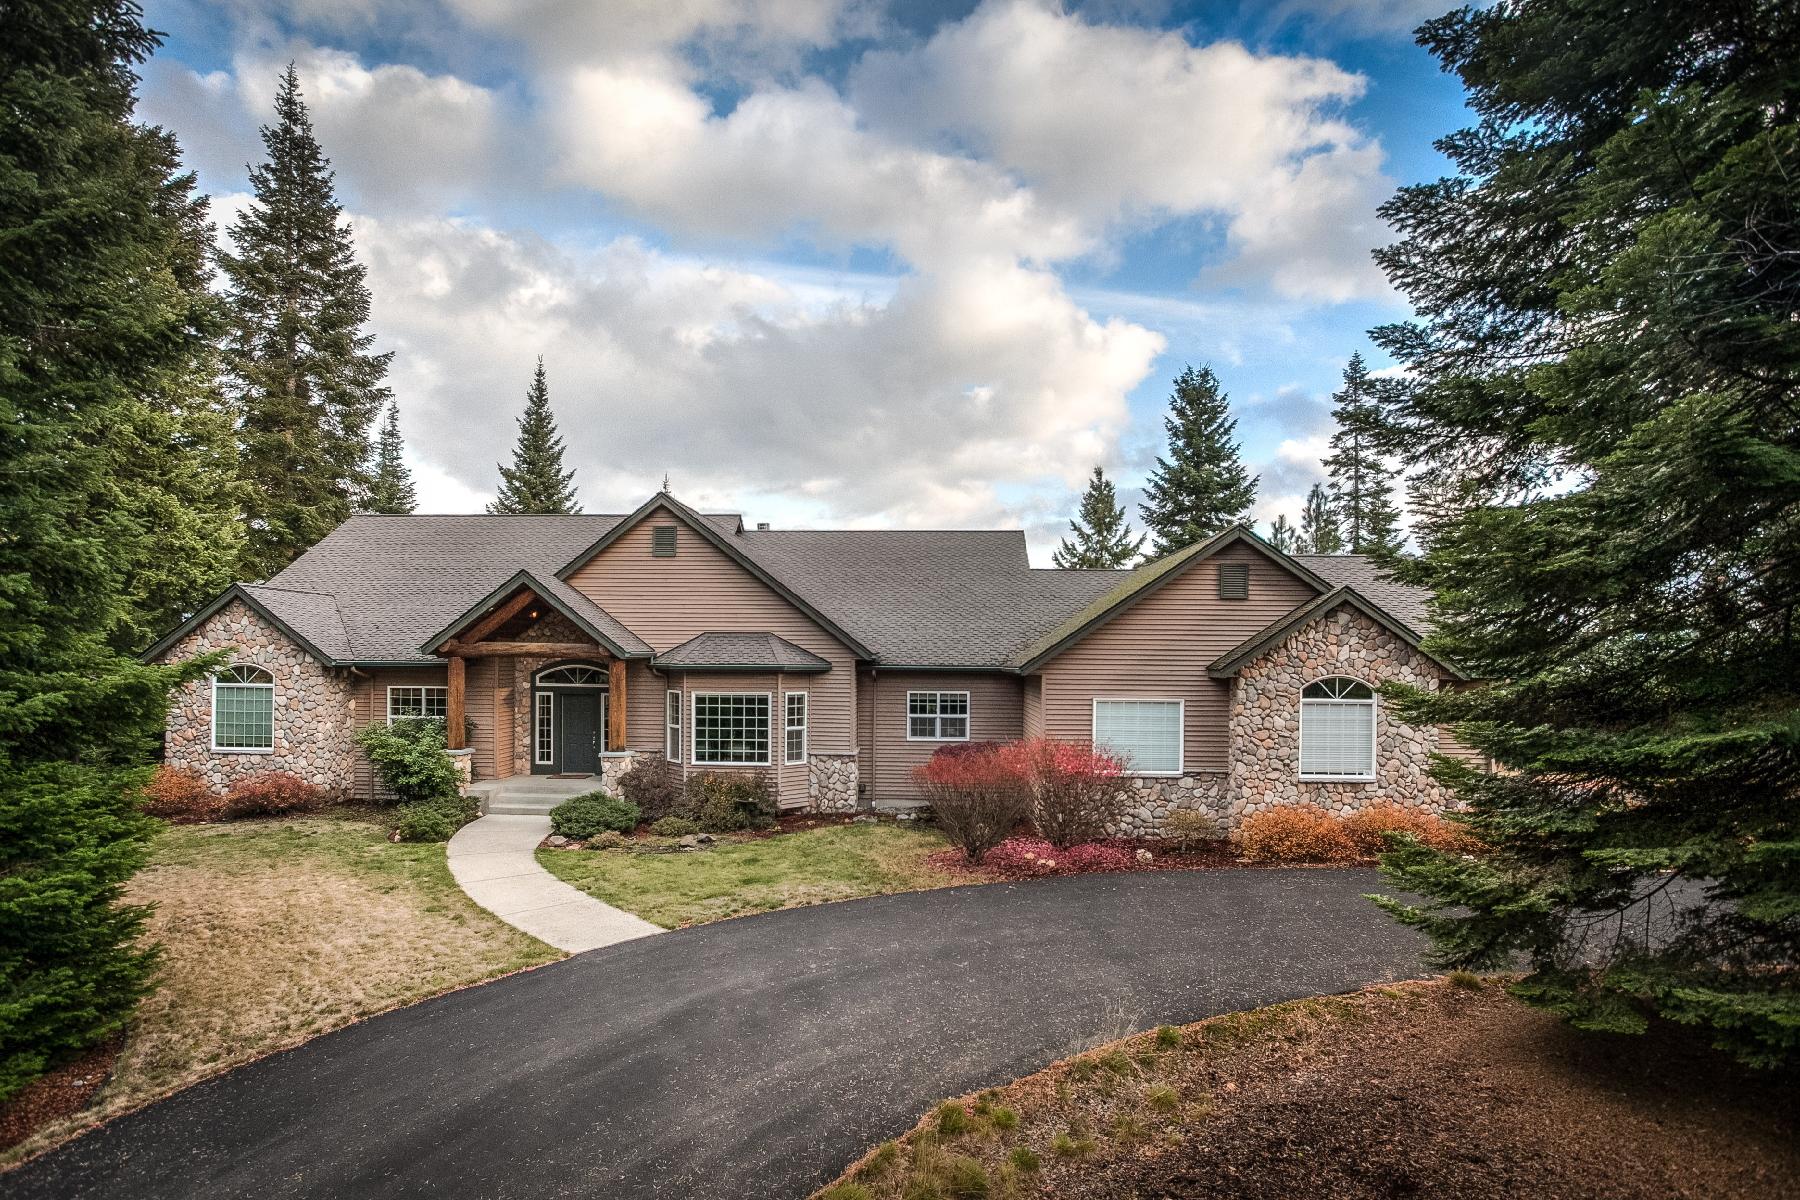 Casa Unifamiliar por un Venta en Country Living with Big Views 5491 E Shire Ln Hayden, Idaho, 83835 Estados Unidos